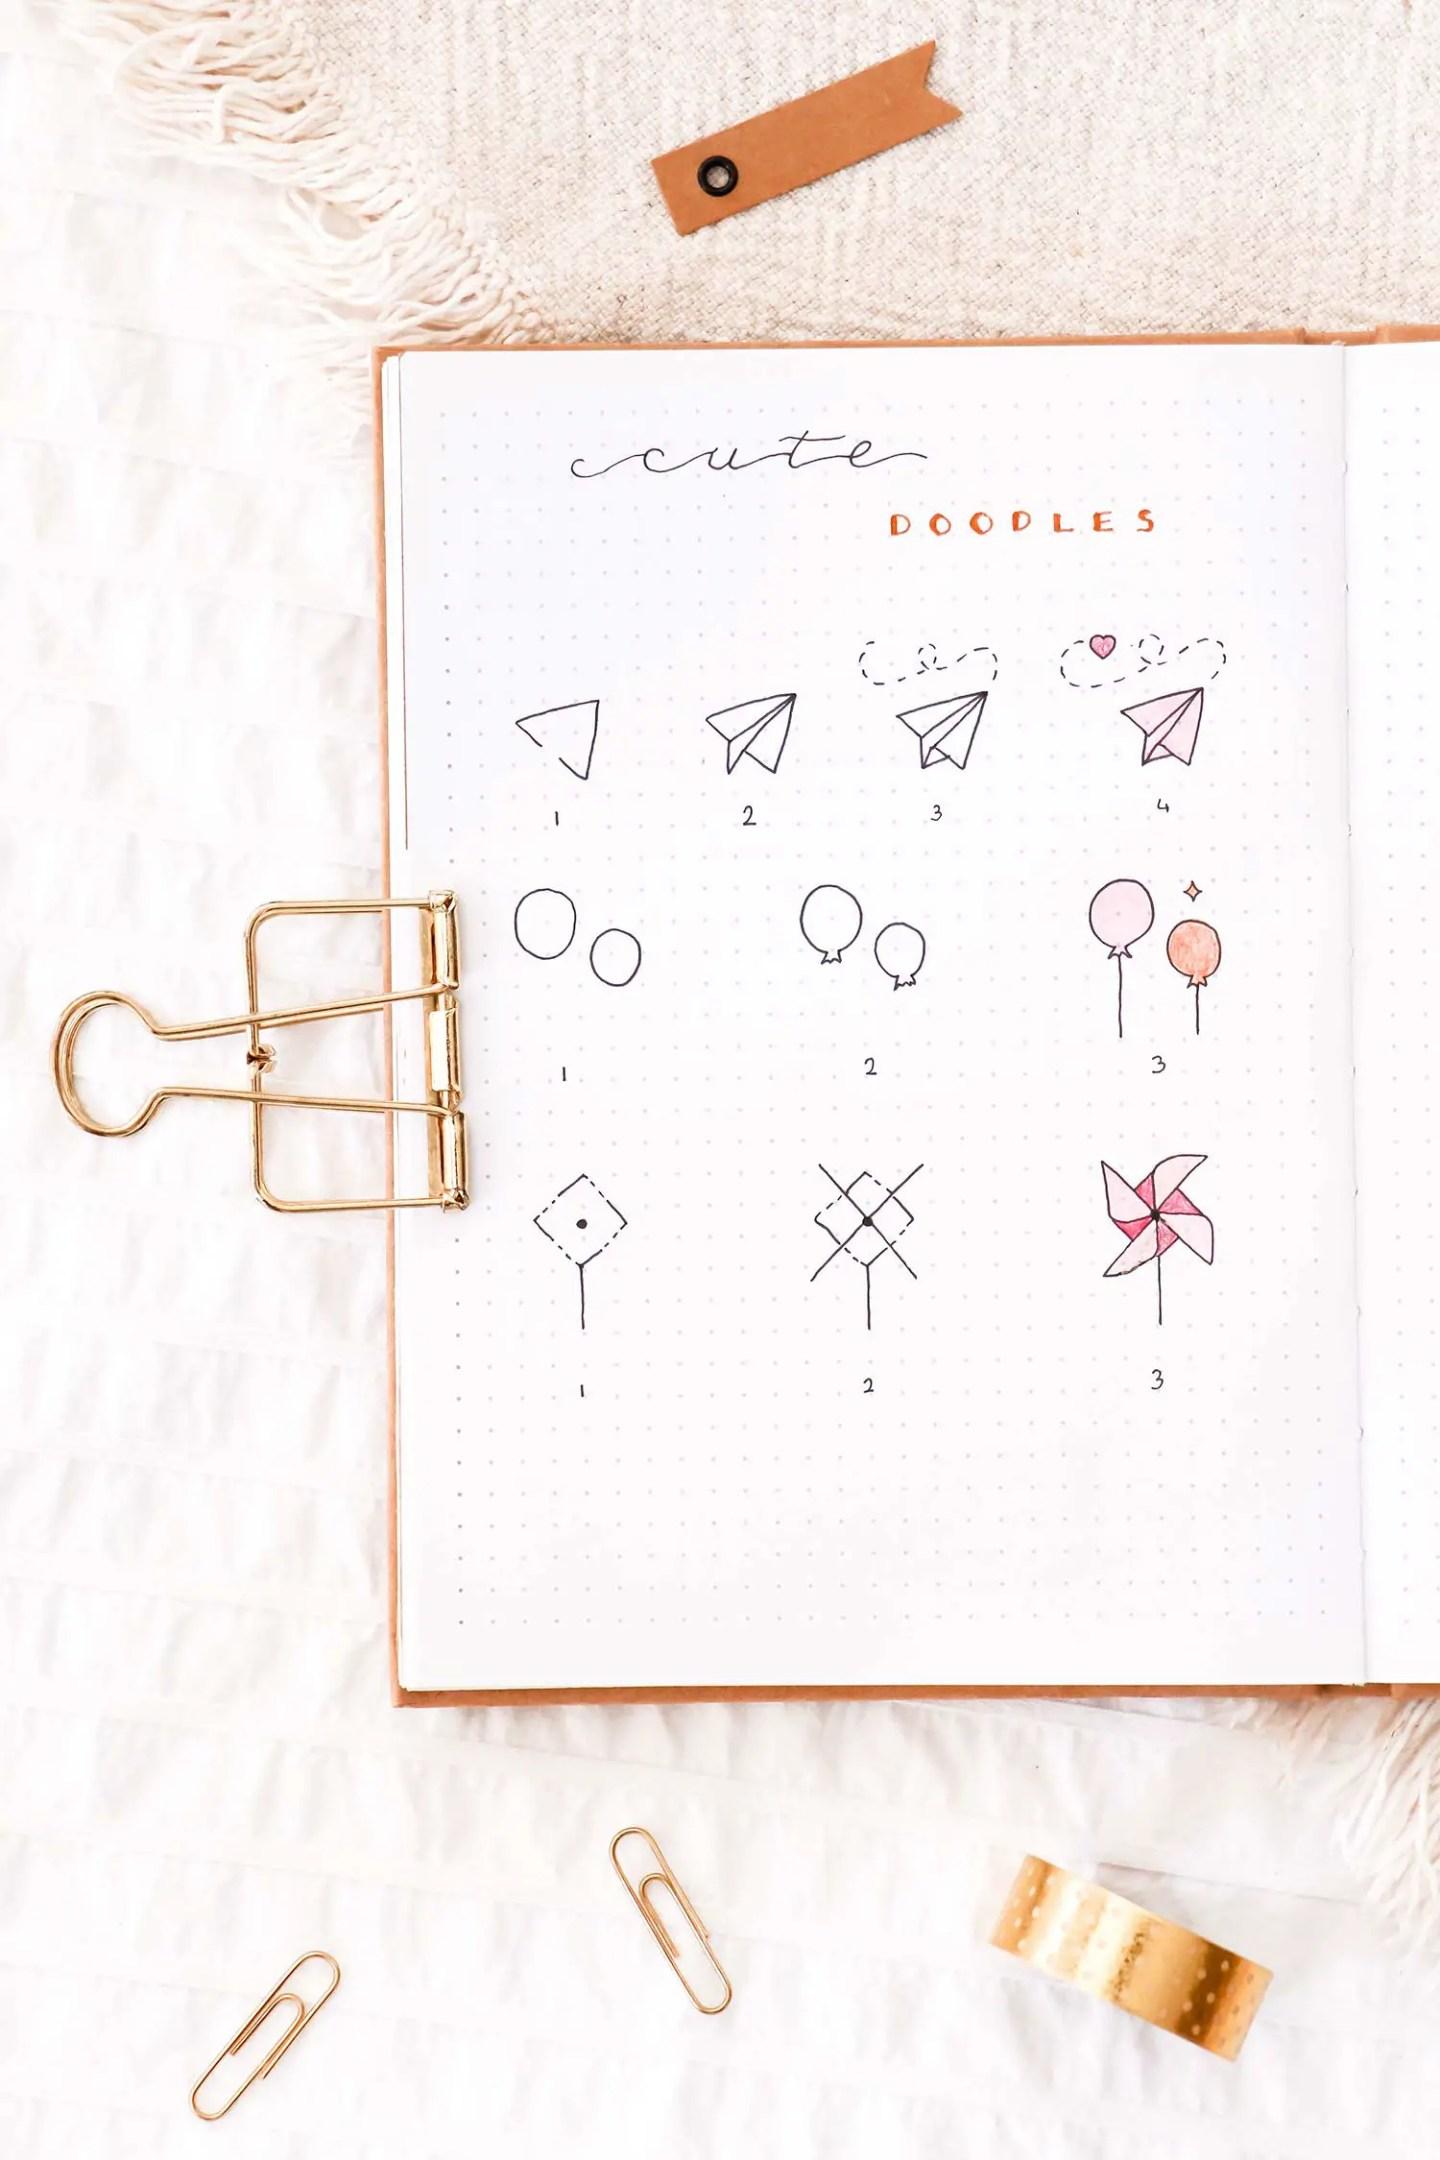 Doodles kawaii bullet journal